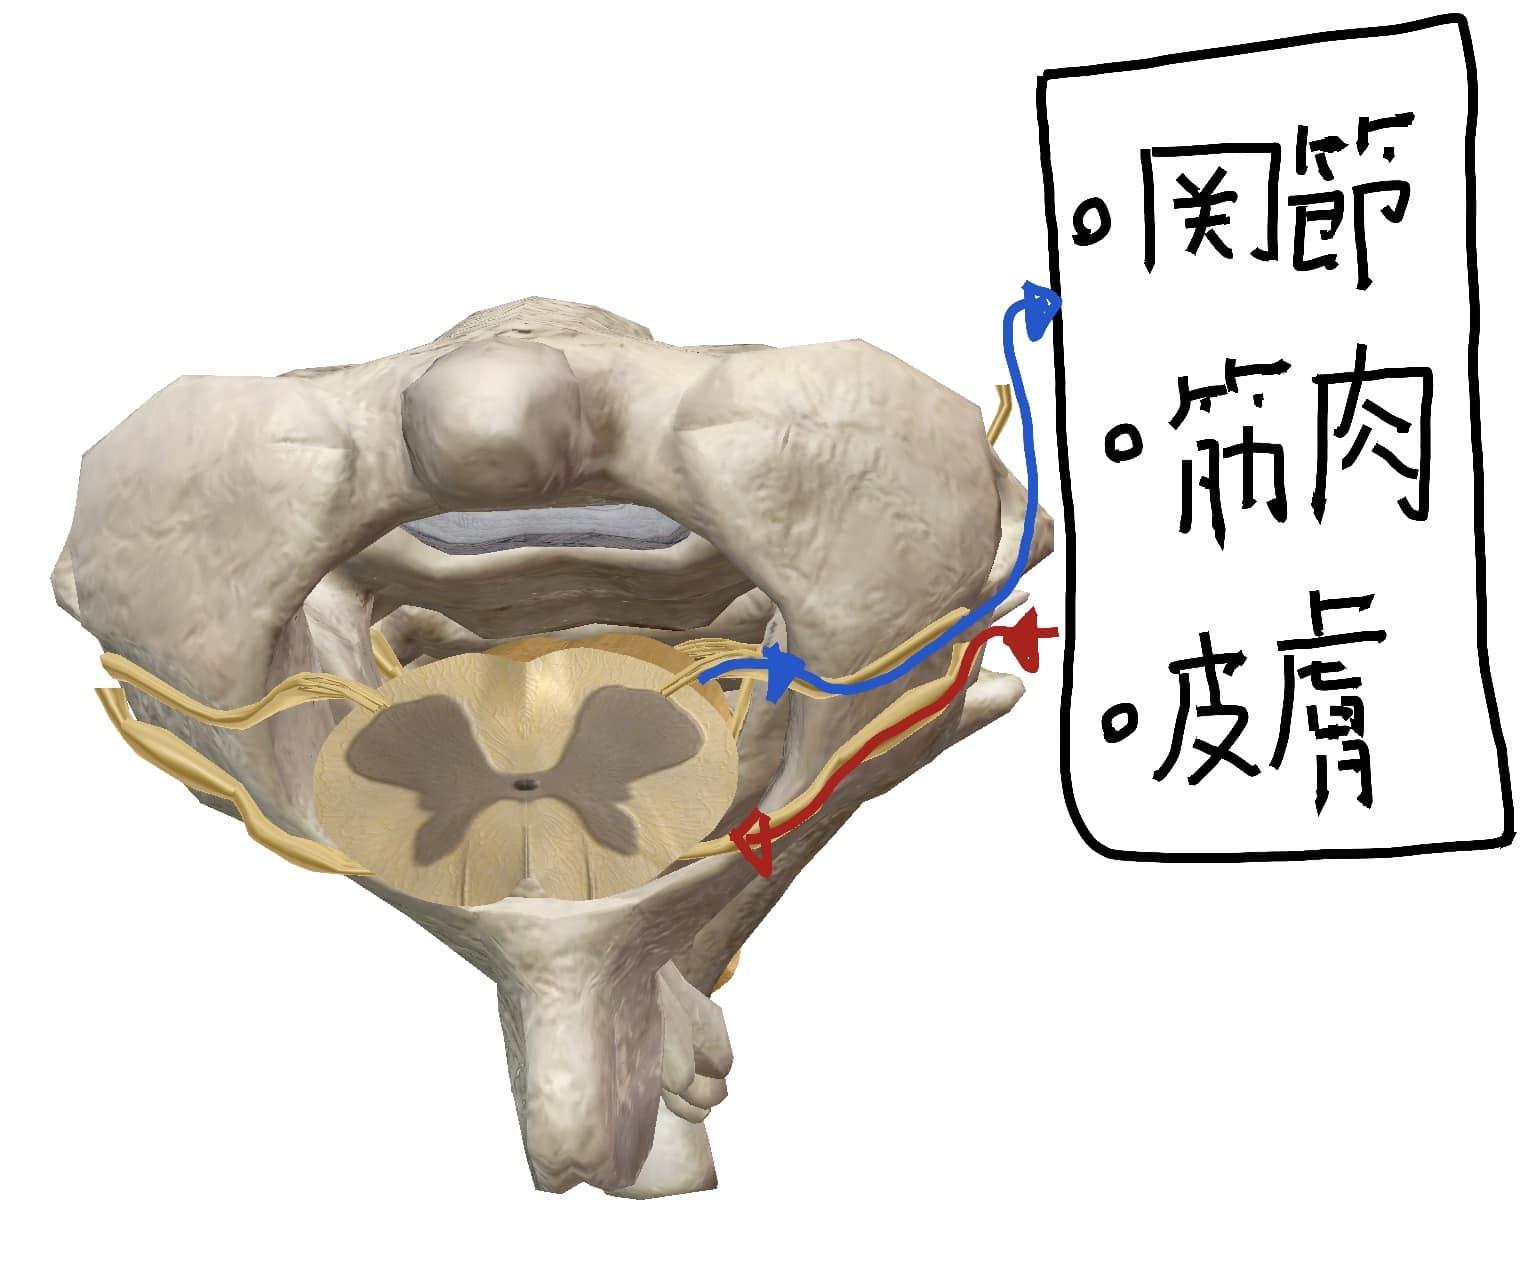 椎骨と脊髄、脊椎神経の図